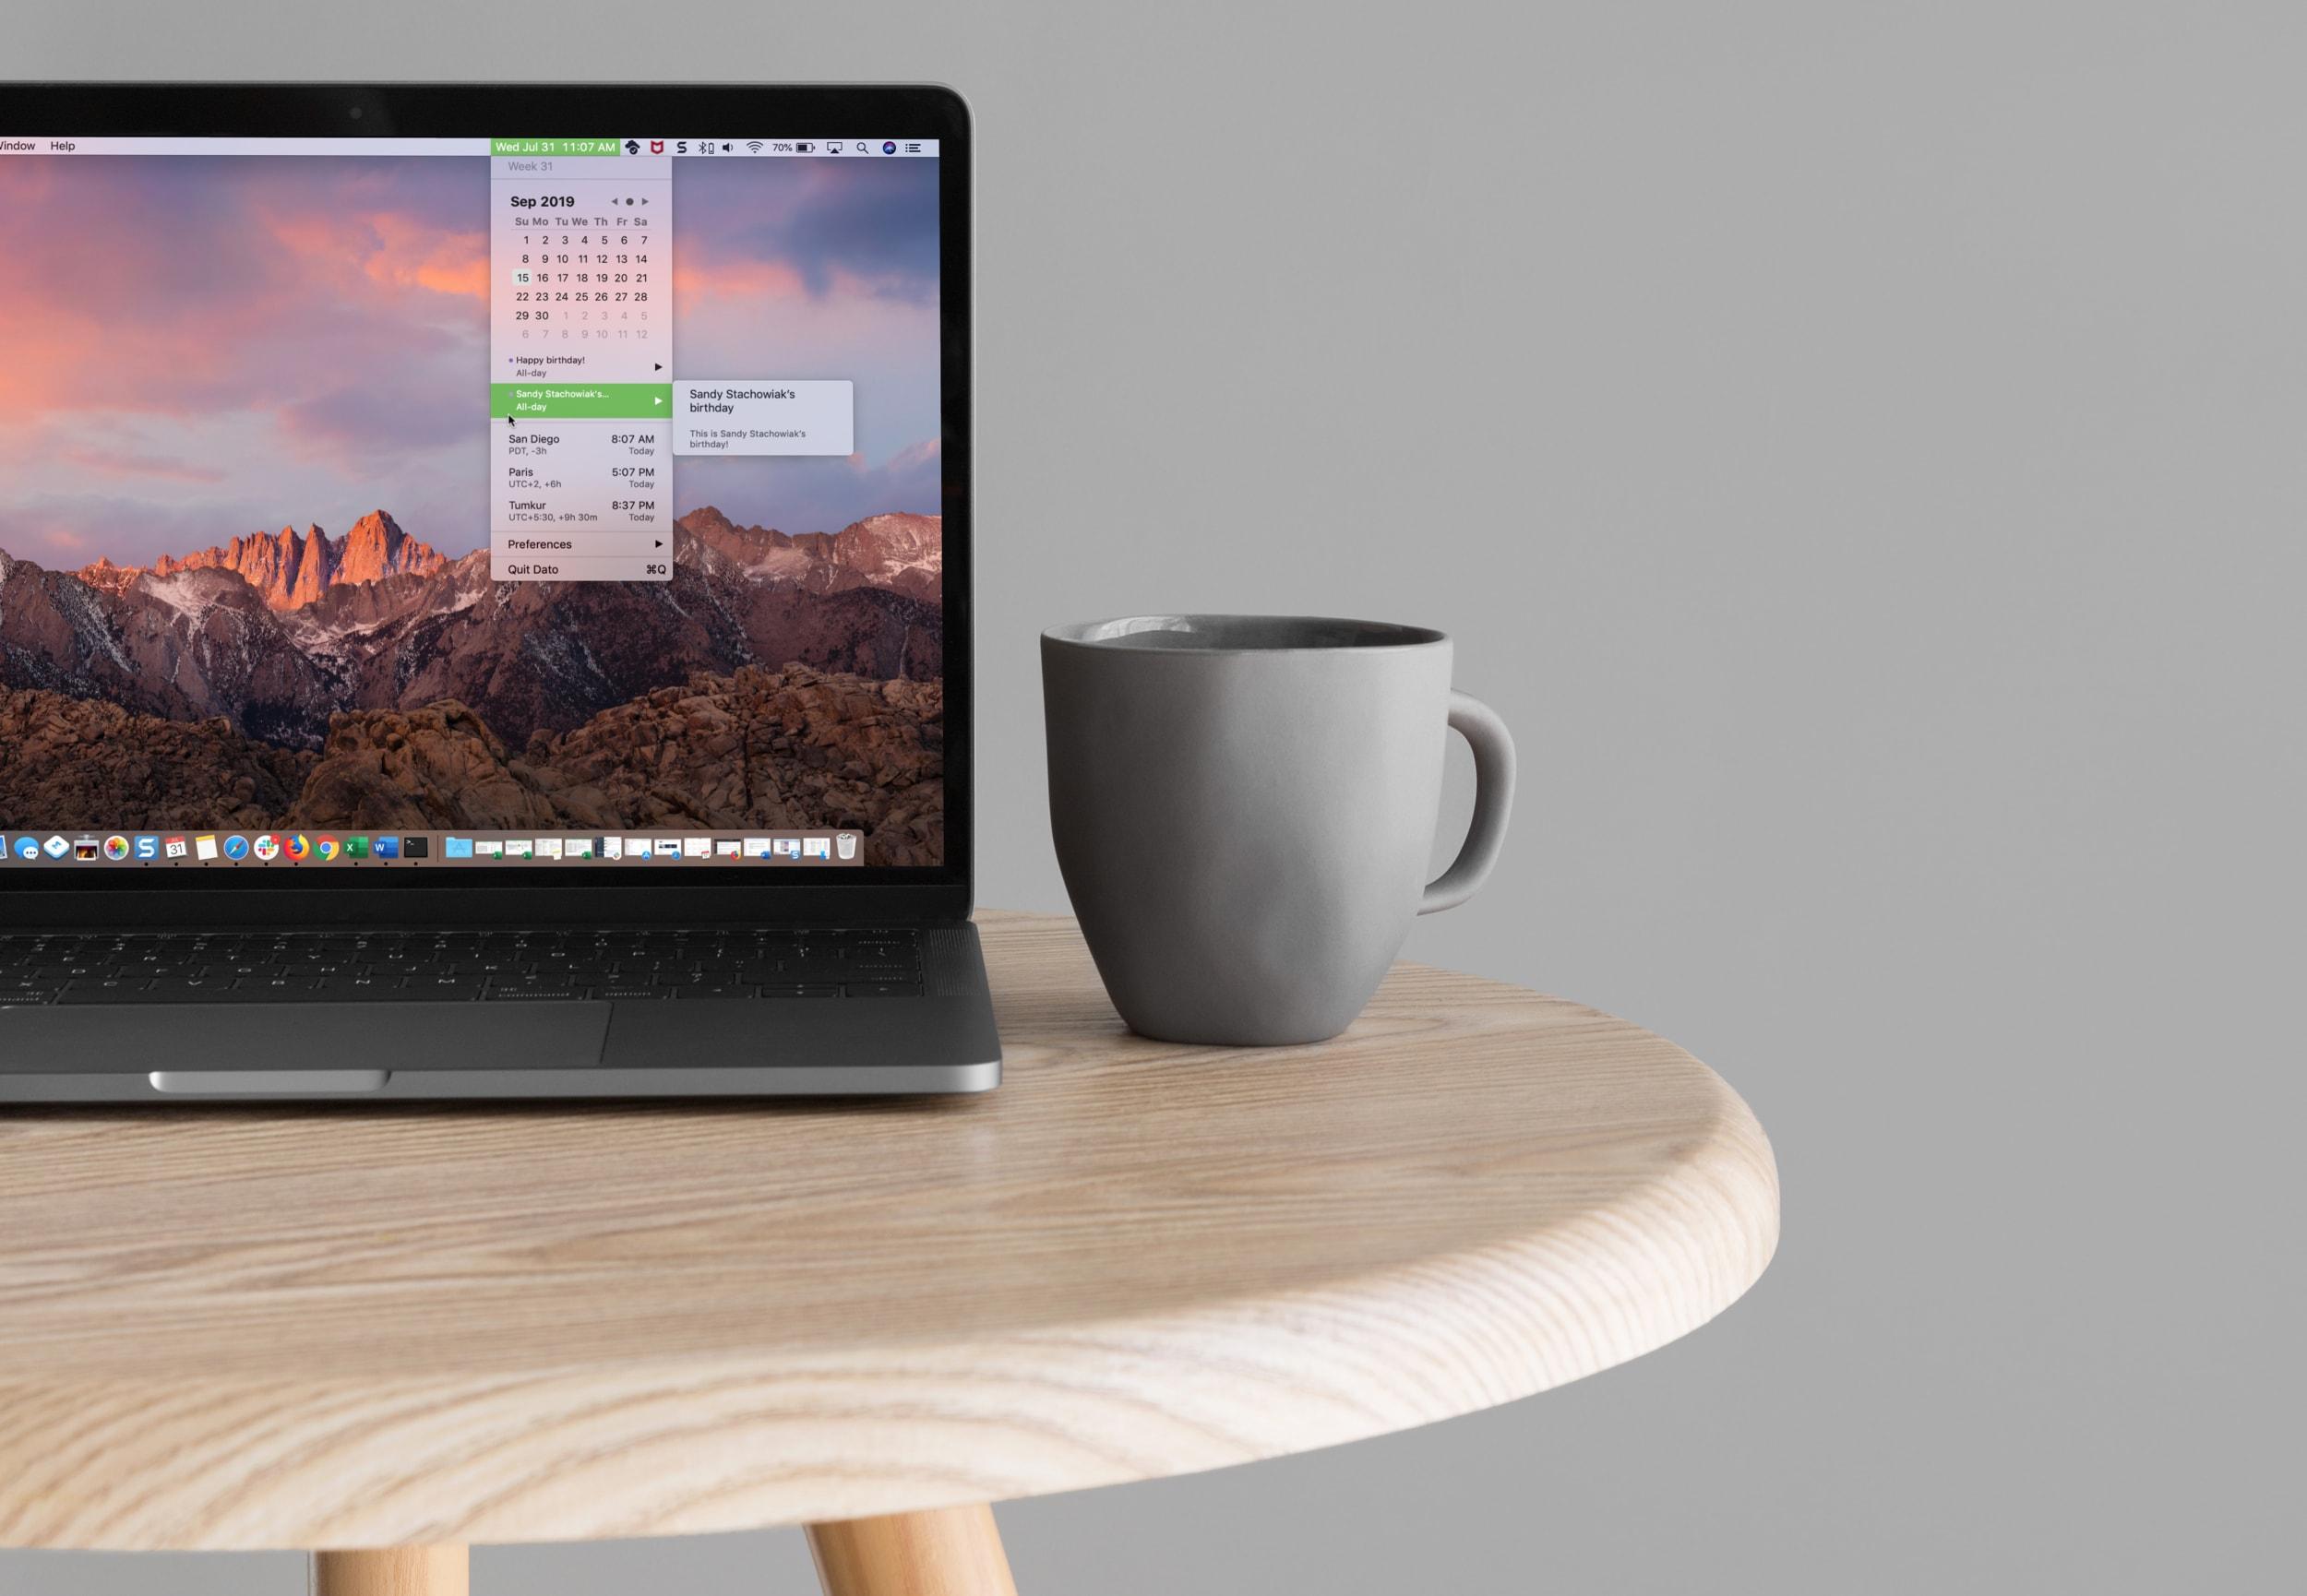 Cómo poner un calendario y zonas horarias en la barra de menú del Mac